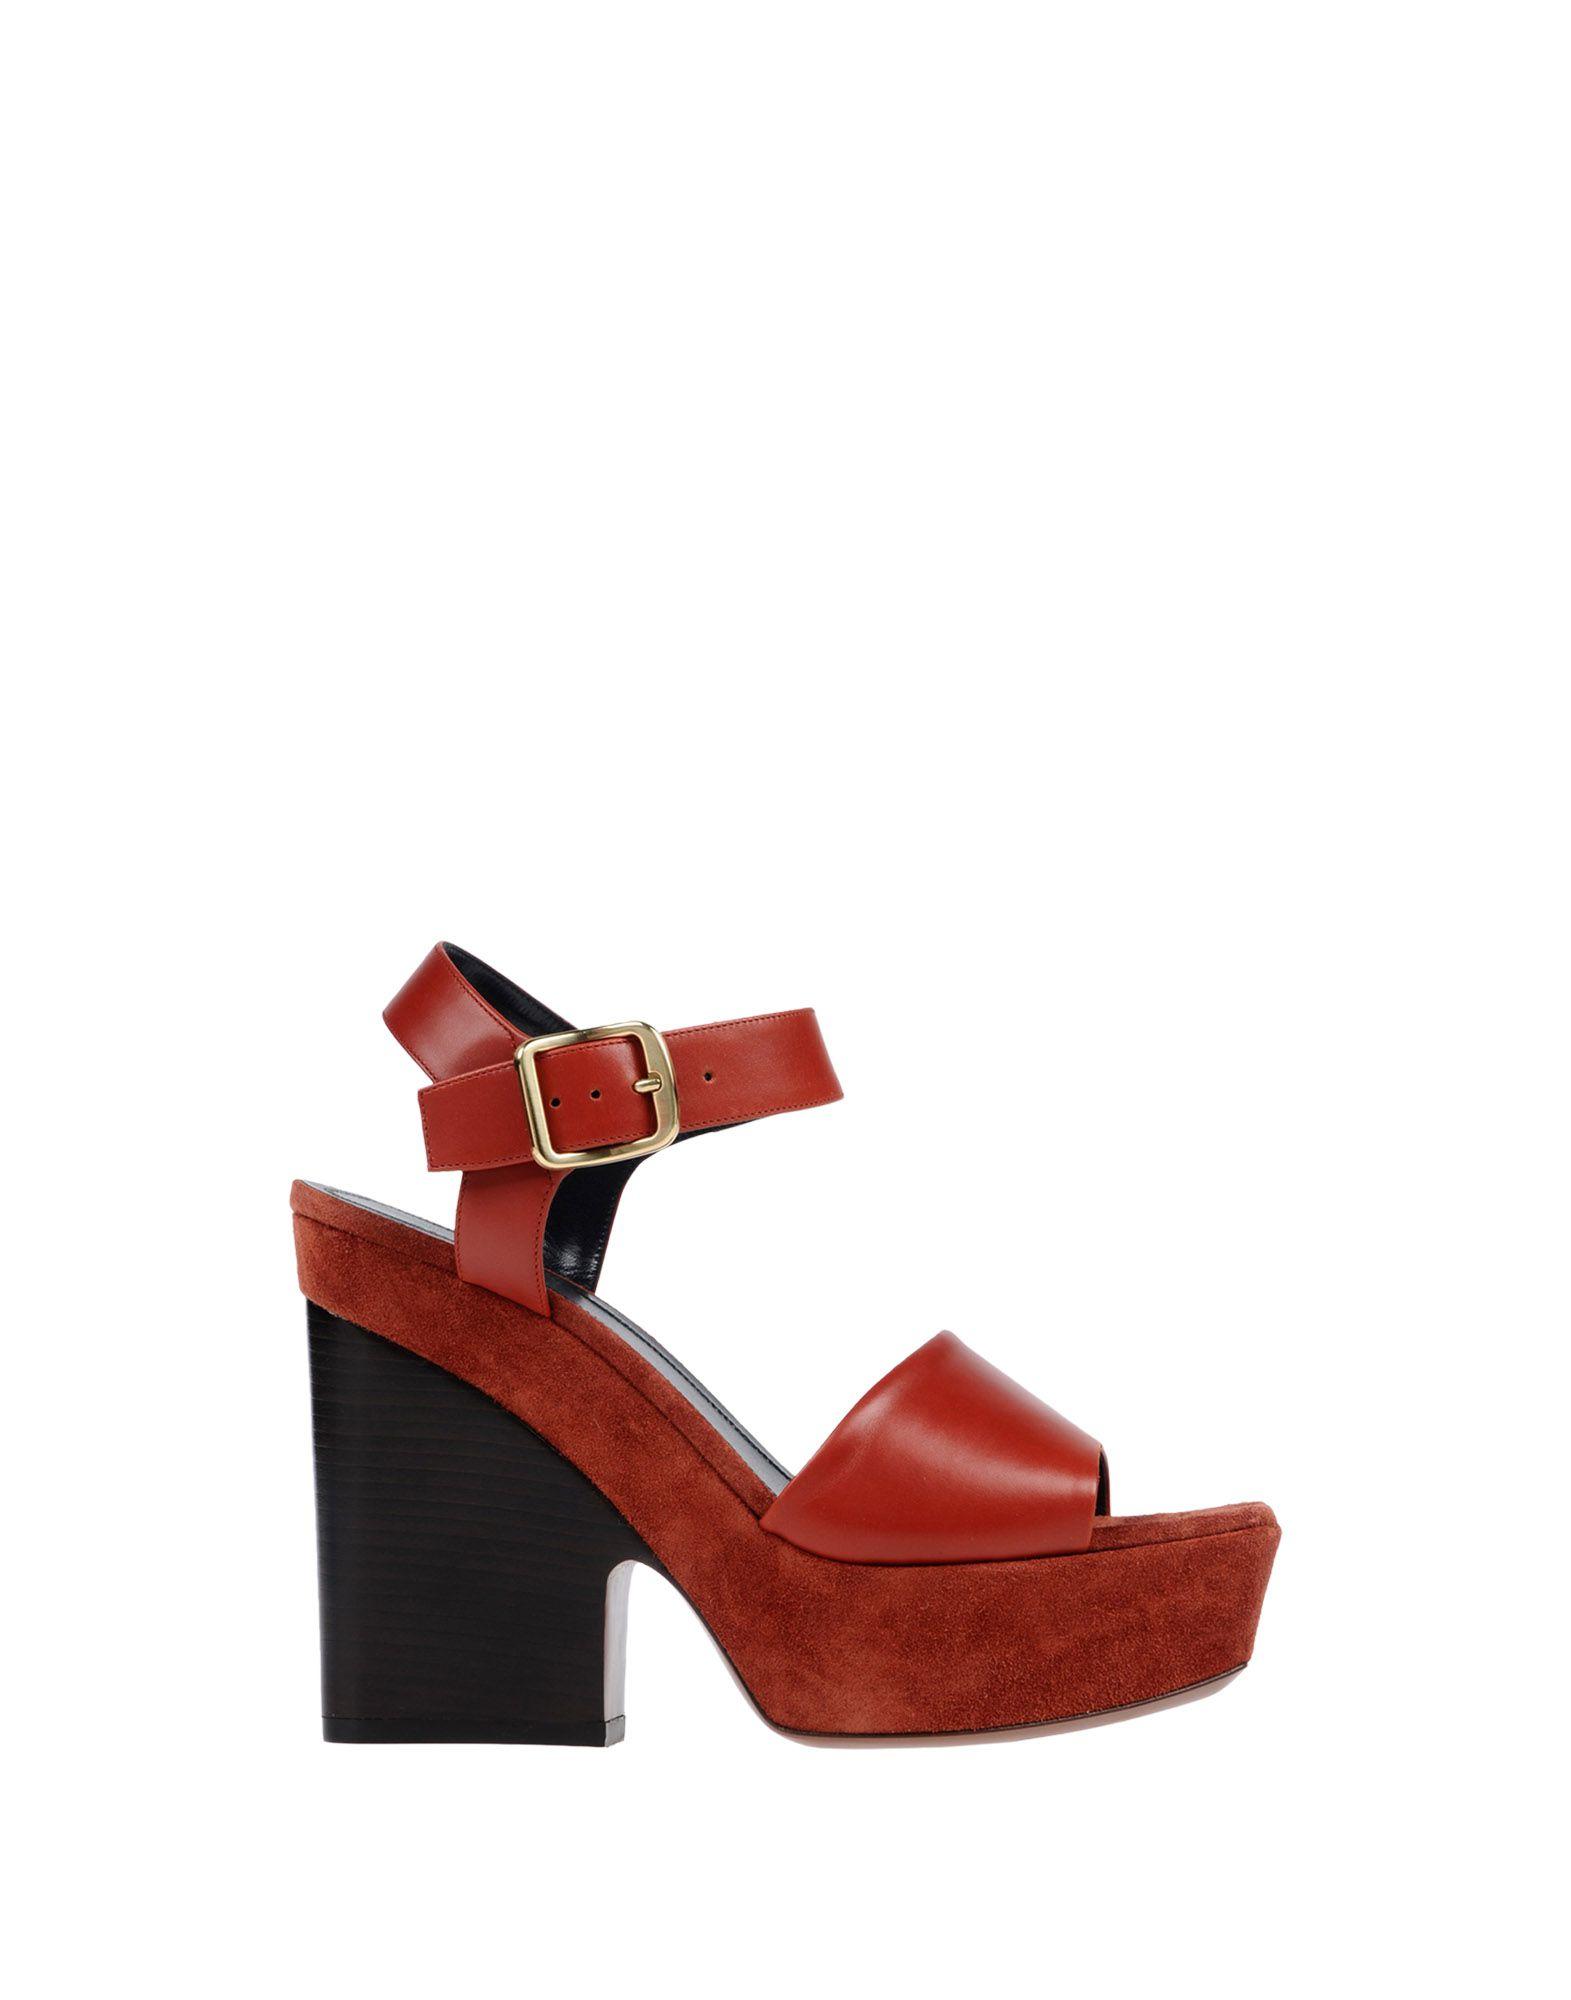 Céline Sandalen Damen Heiße  11363065QM Heiße Damen Schuhe 6f54b1